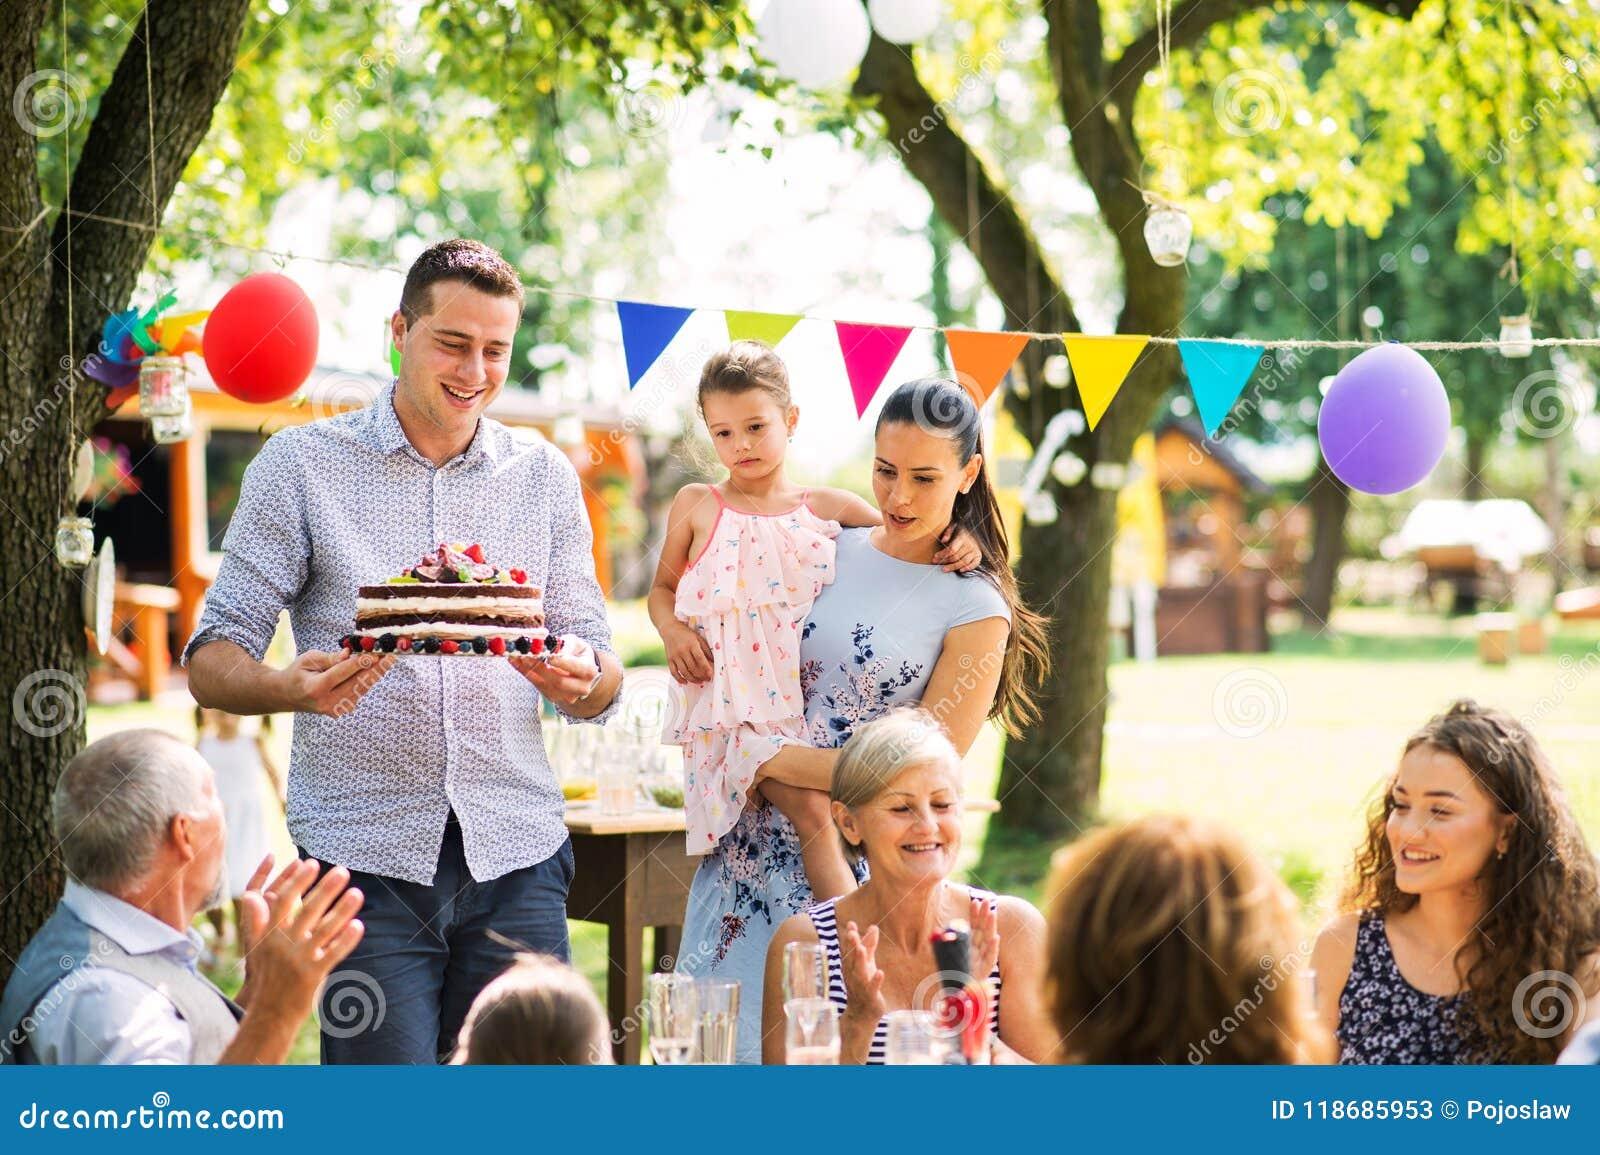 Celebración de familia o una fiesta de jardín afuera en el patio trasero